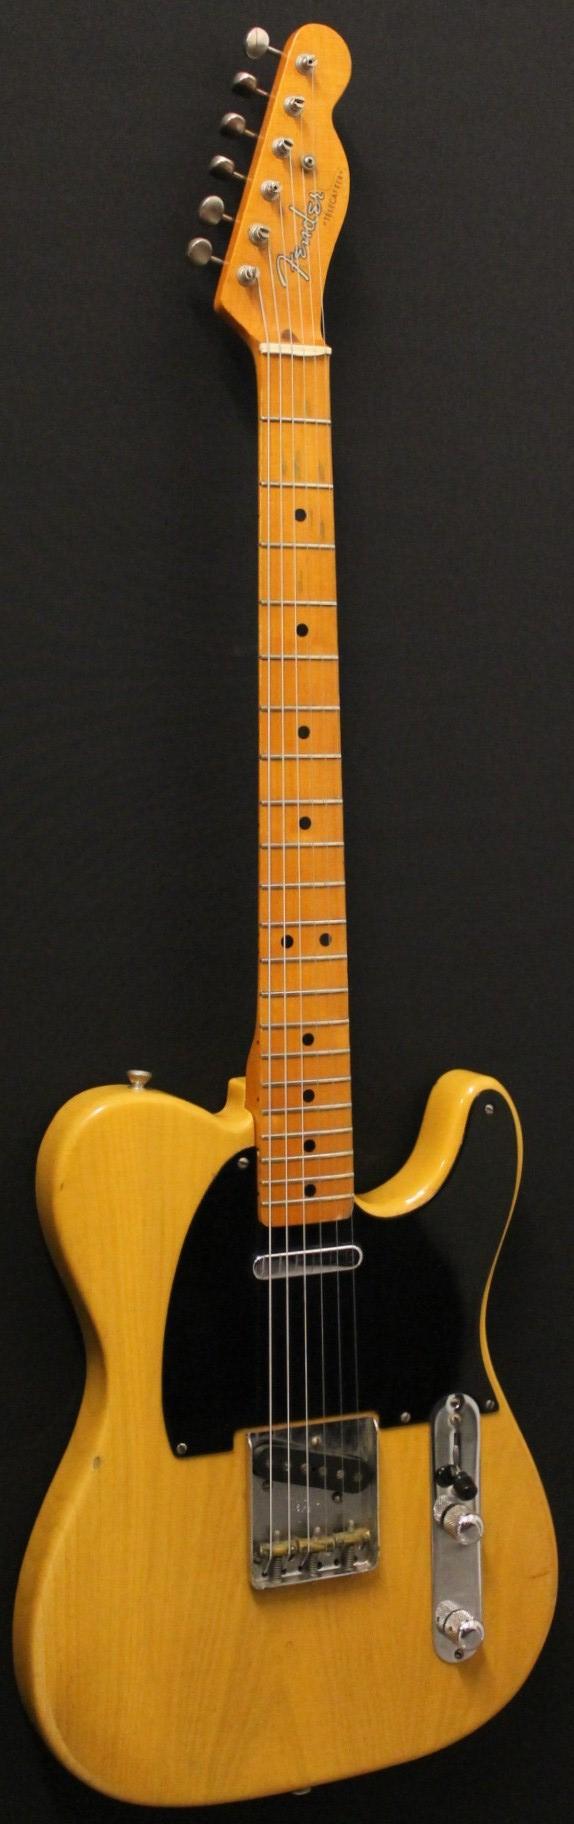 fender telecaster 52 vintage reissue 1982 guitar for sale kitarakuu. Black Bedroom Furniture Sets. Home Design Ideas